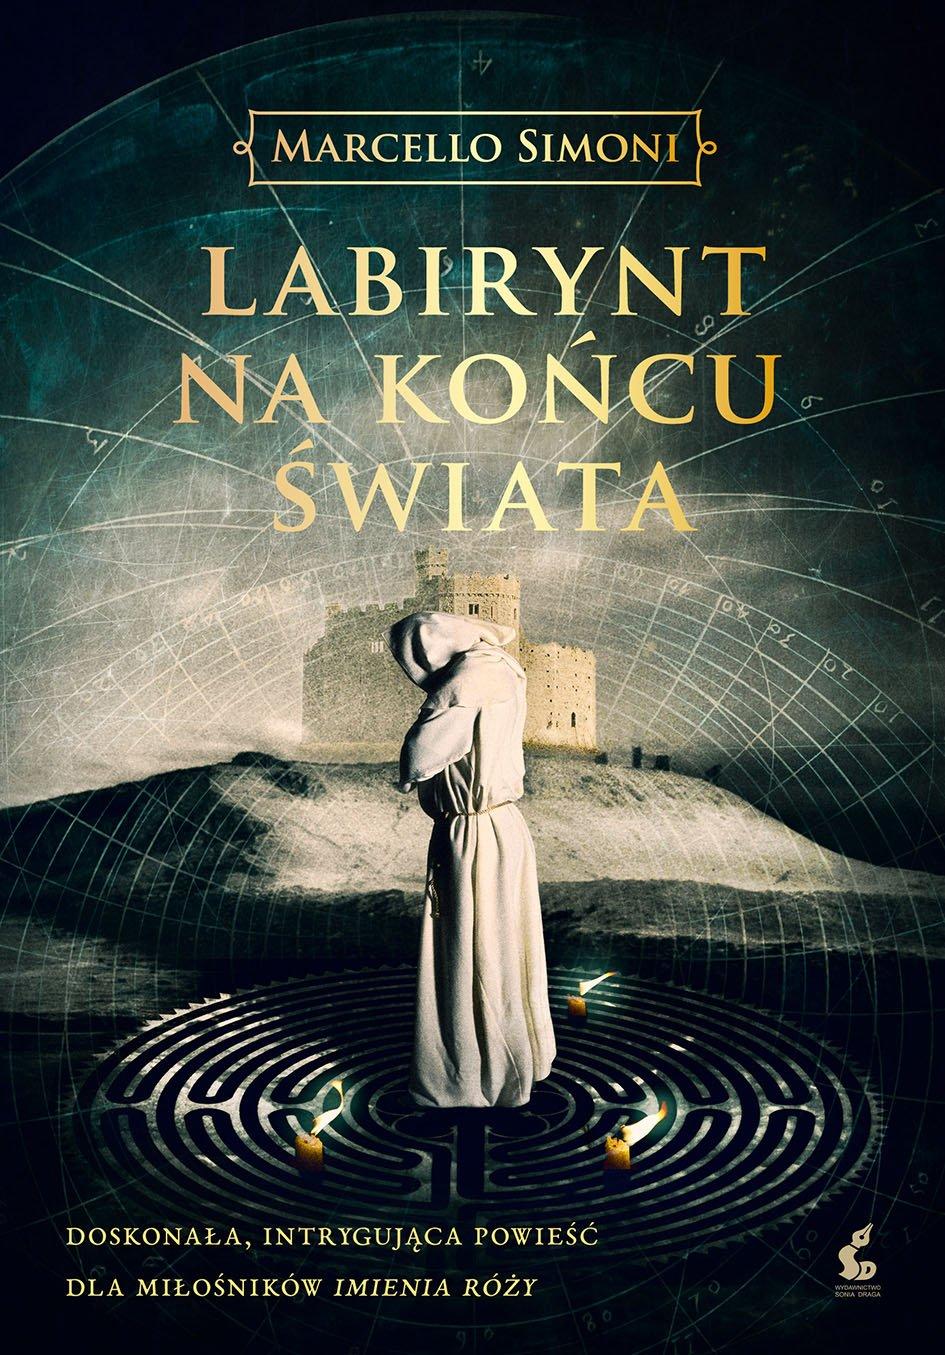 Labirynt na końcu świata - Ebook (Książka na Kindle) do pobrania w formacie MOBI